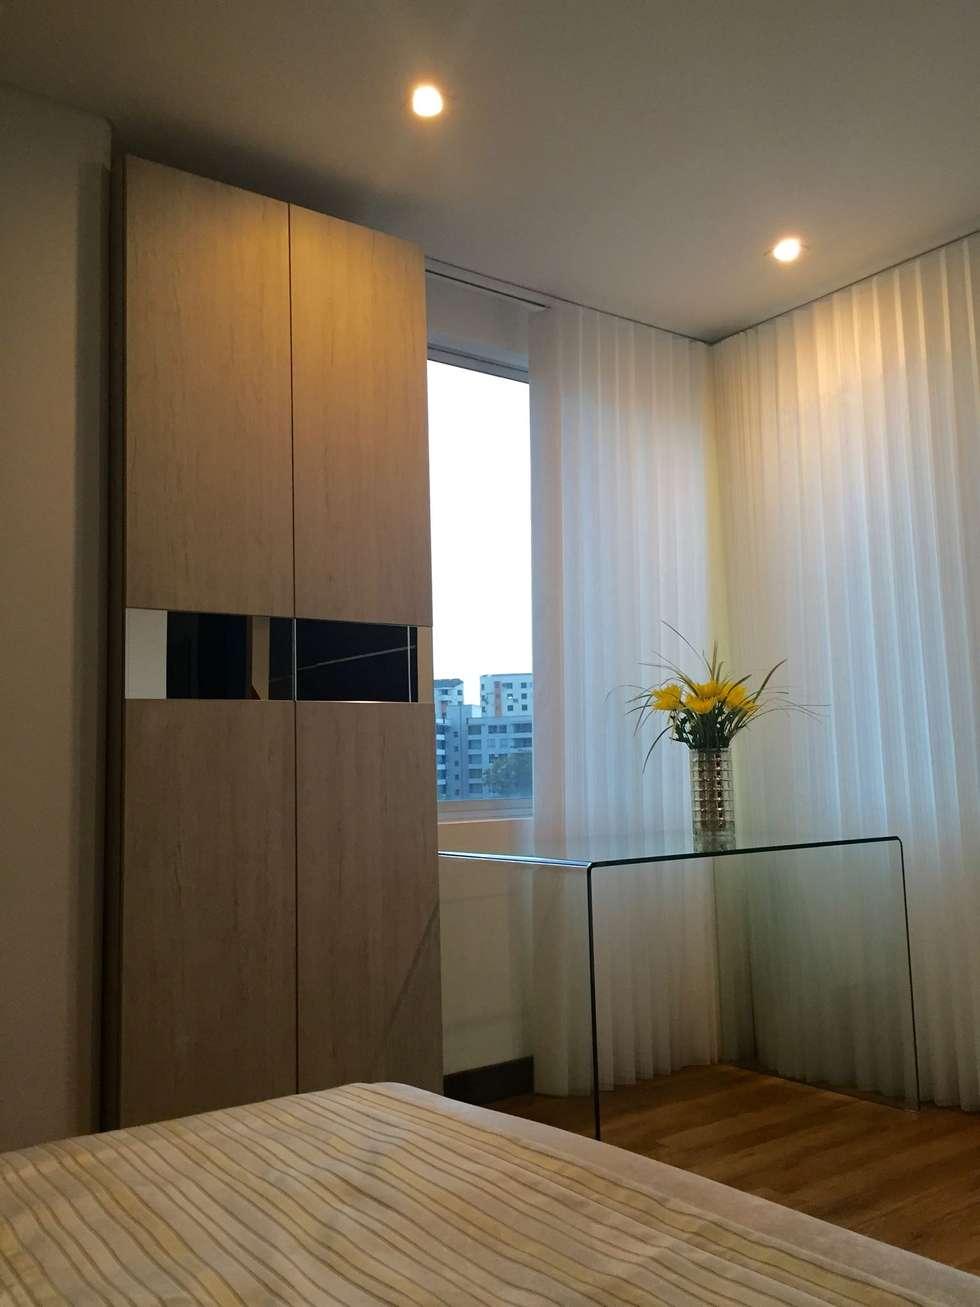 Habitación Dorado Cat: Habitaciones de estilo clásico por ea interiorismo